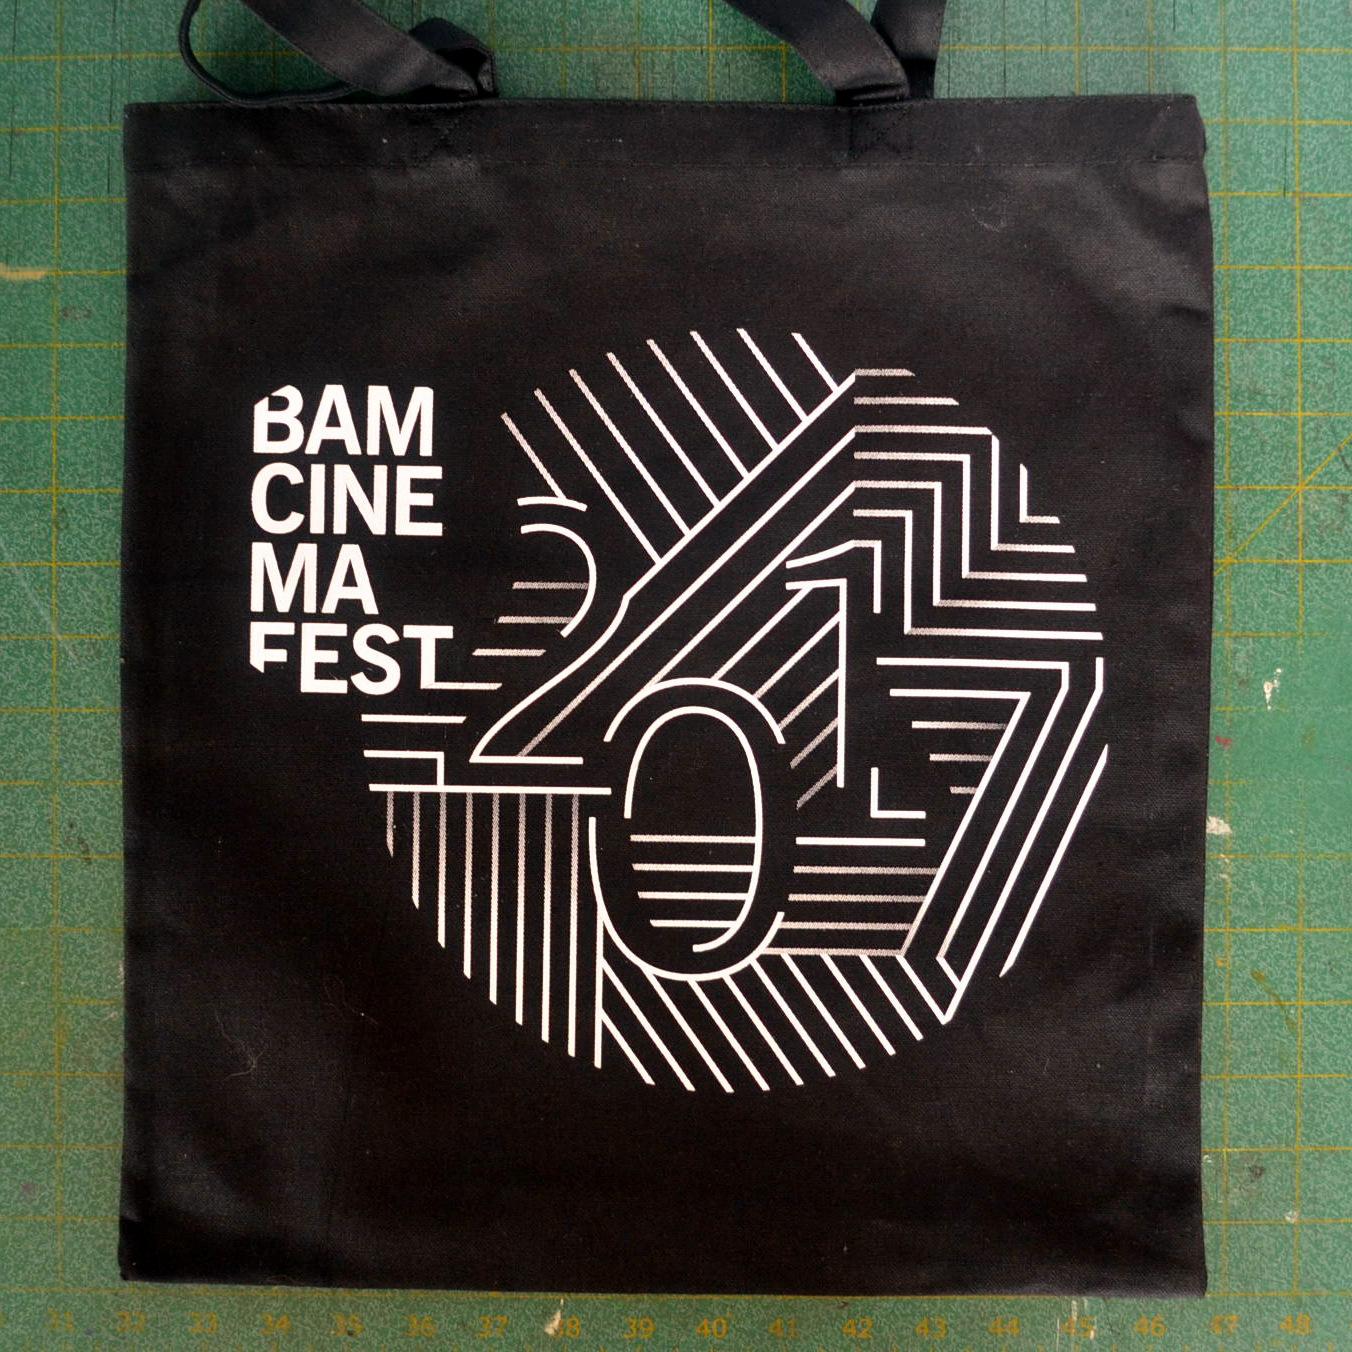 Bam Cinemafest